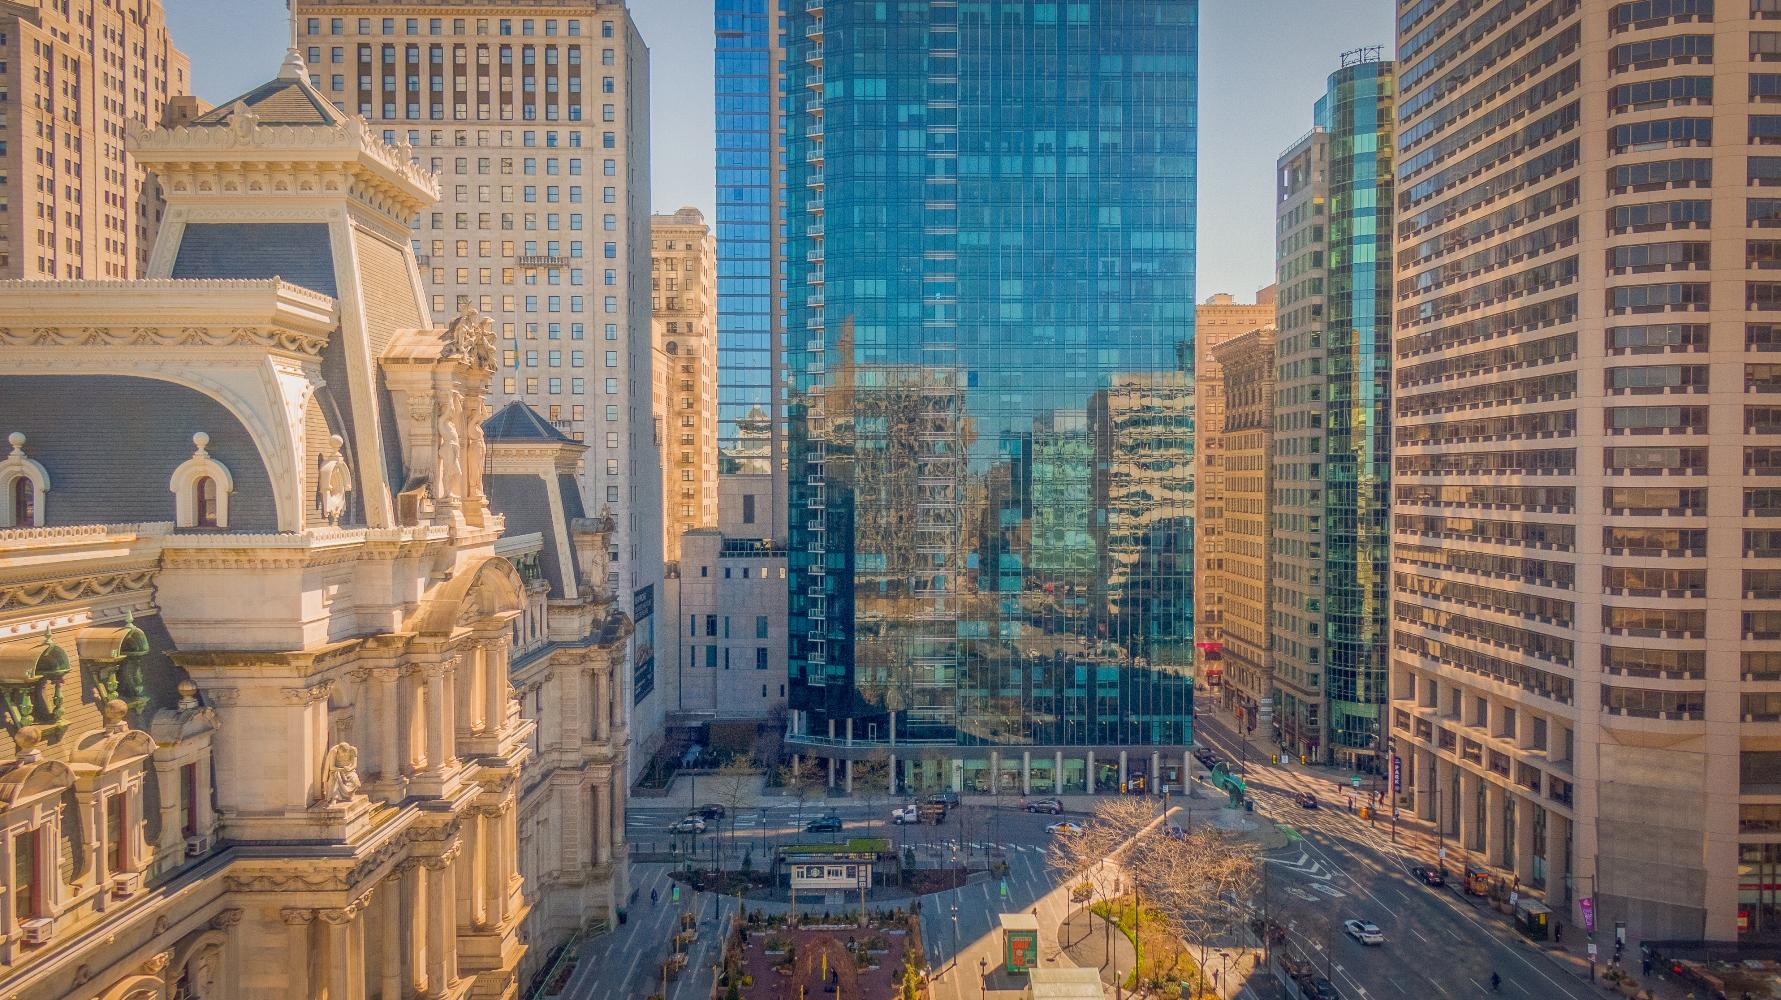 Ritz Carlton Condominiums in Philadelphia